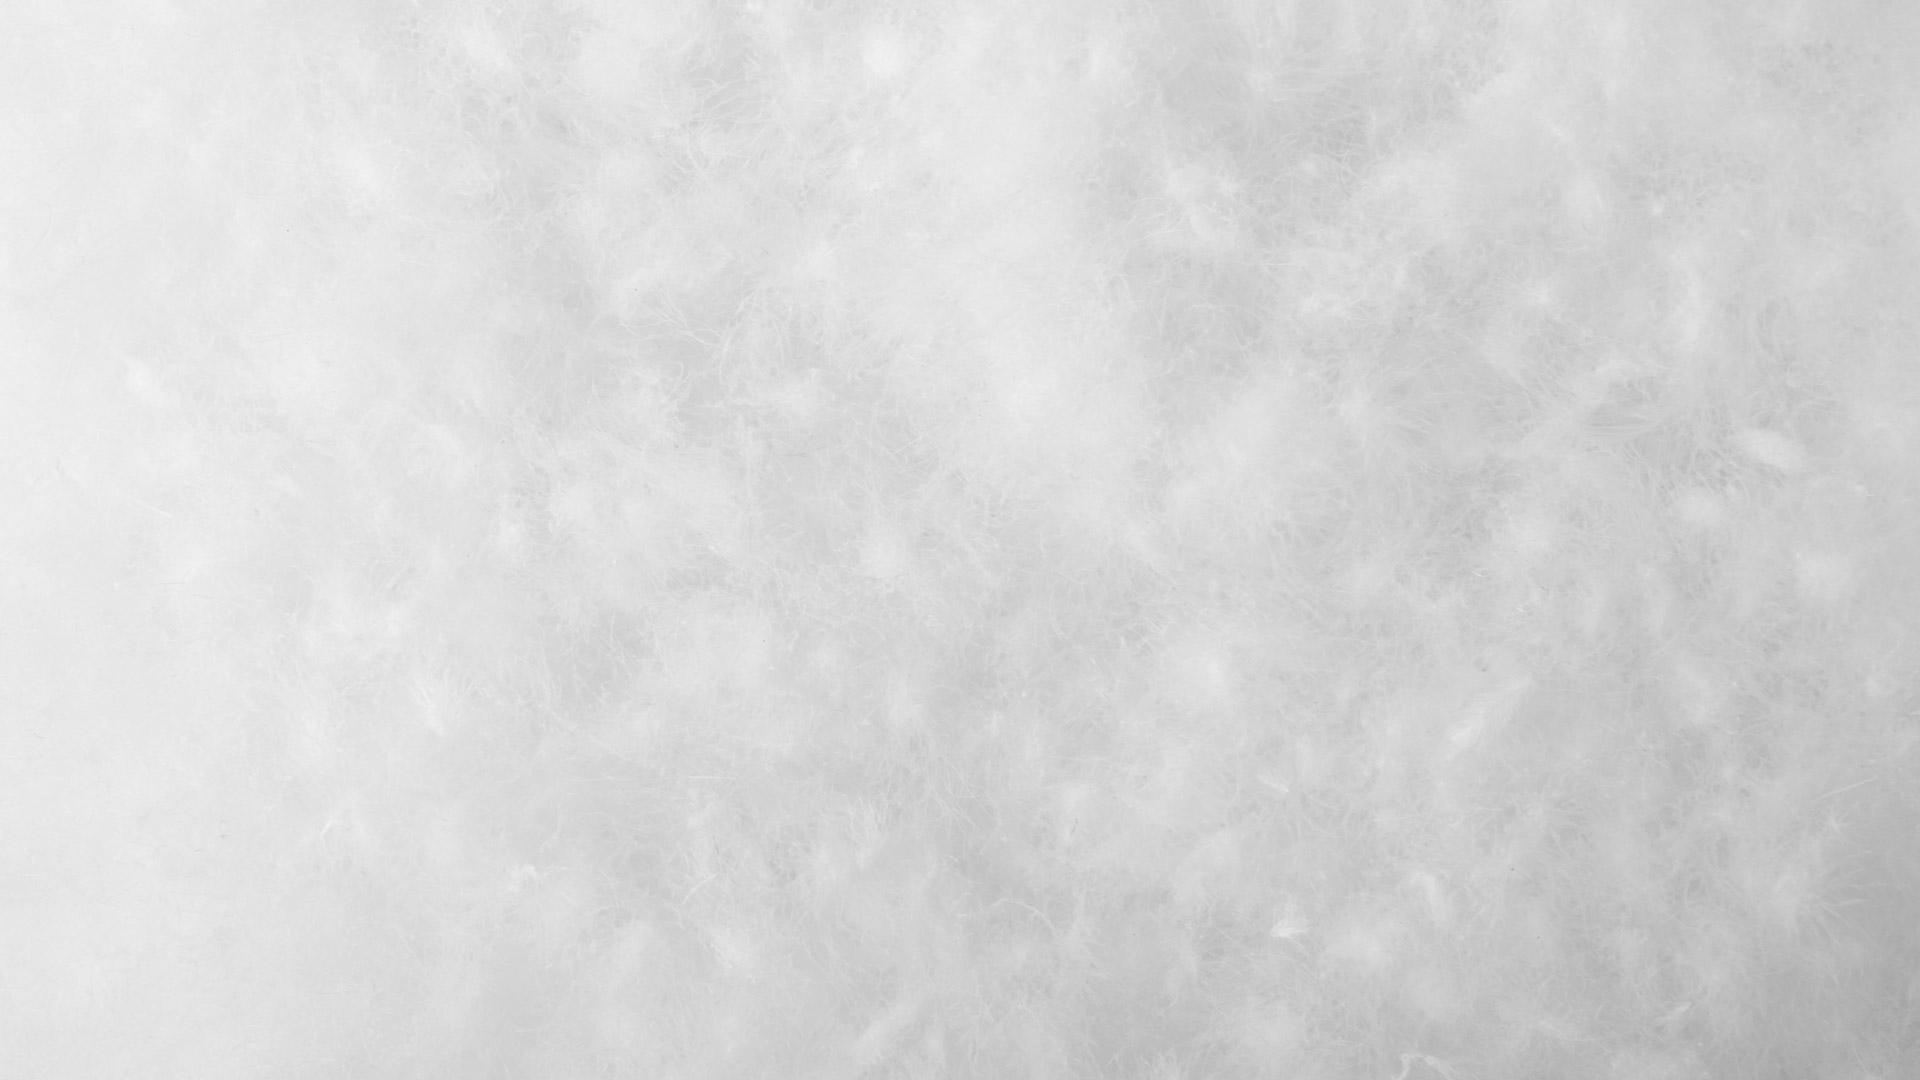 市面上常见的白绒、灰绒以及鹅绒、鸭绒中,我们选择了保暖指数和蓬松度最佳的白鹅初绒。取白鹅翅下、腹下的朵状初生绒毛,经过8个流程精细加工而成,所得鹅绒绒朵大,绒梗小,含绒量高达95%。